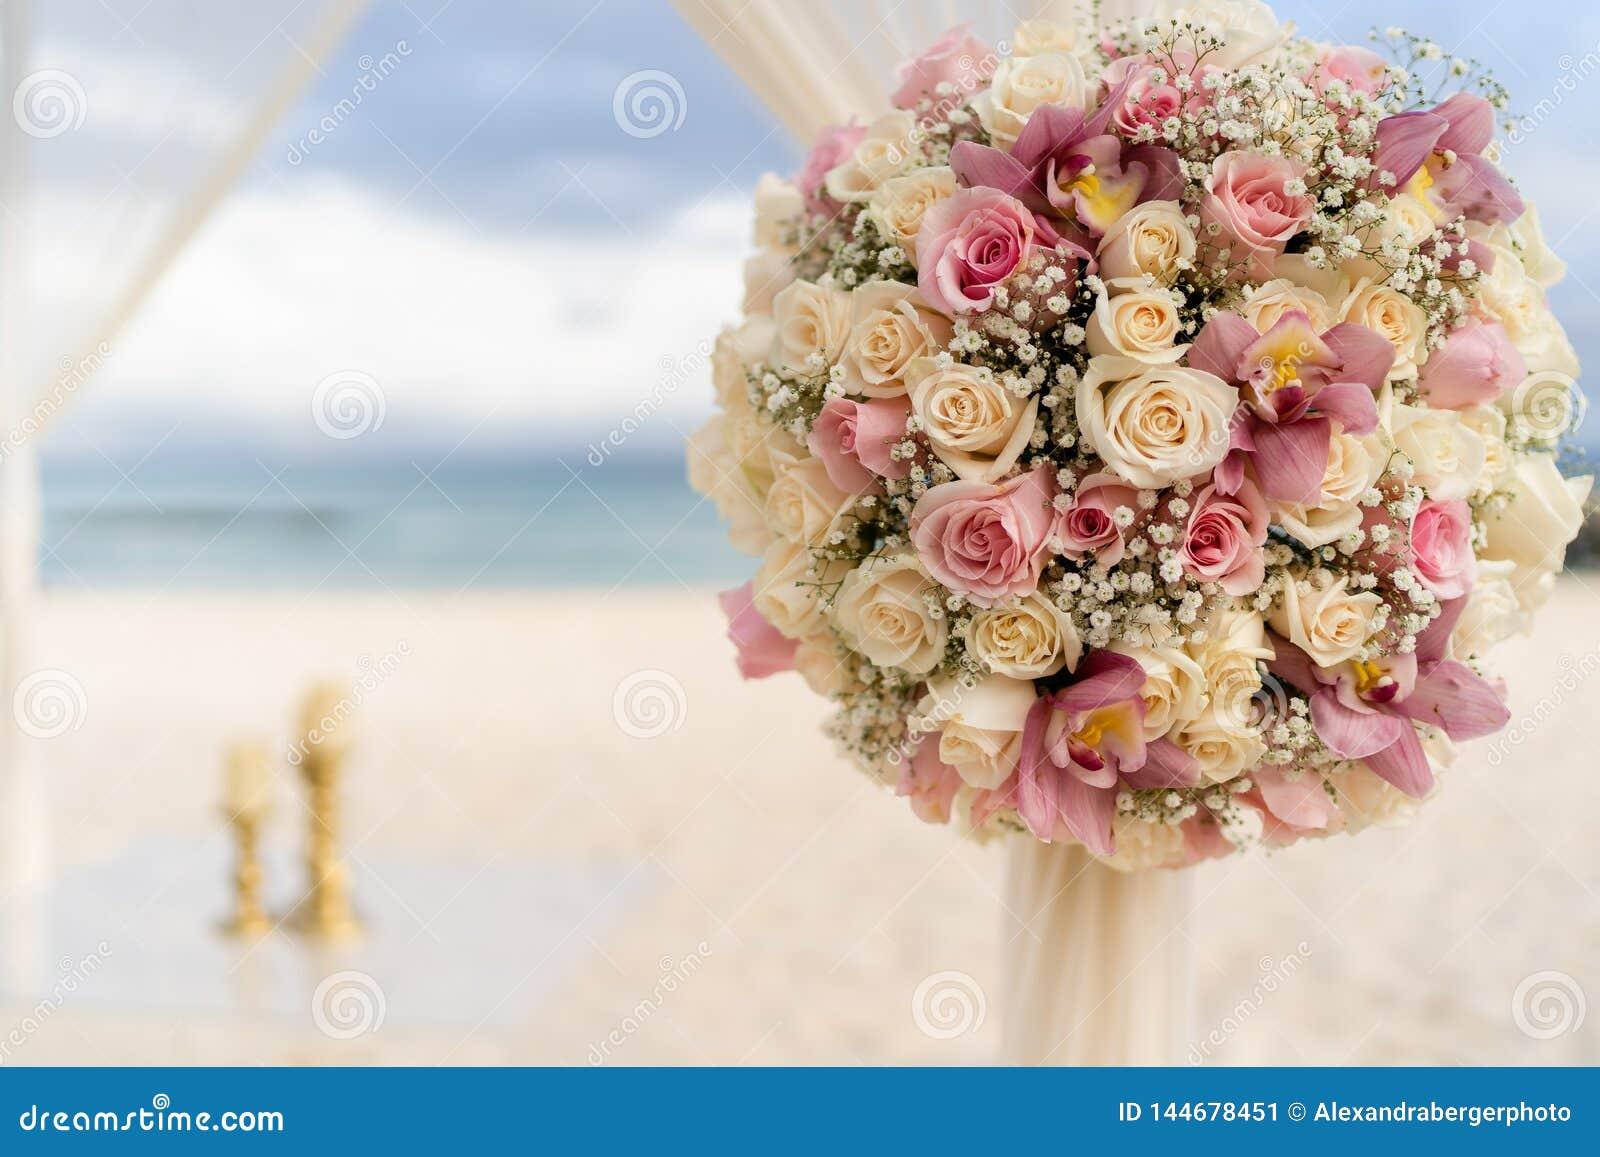 Ρομαντική διακόσμηση με τα λουλούδια ενός γάμου παραλιών στην παραλία